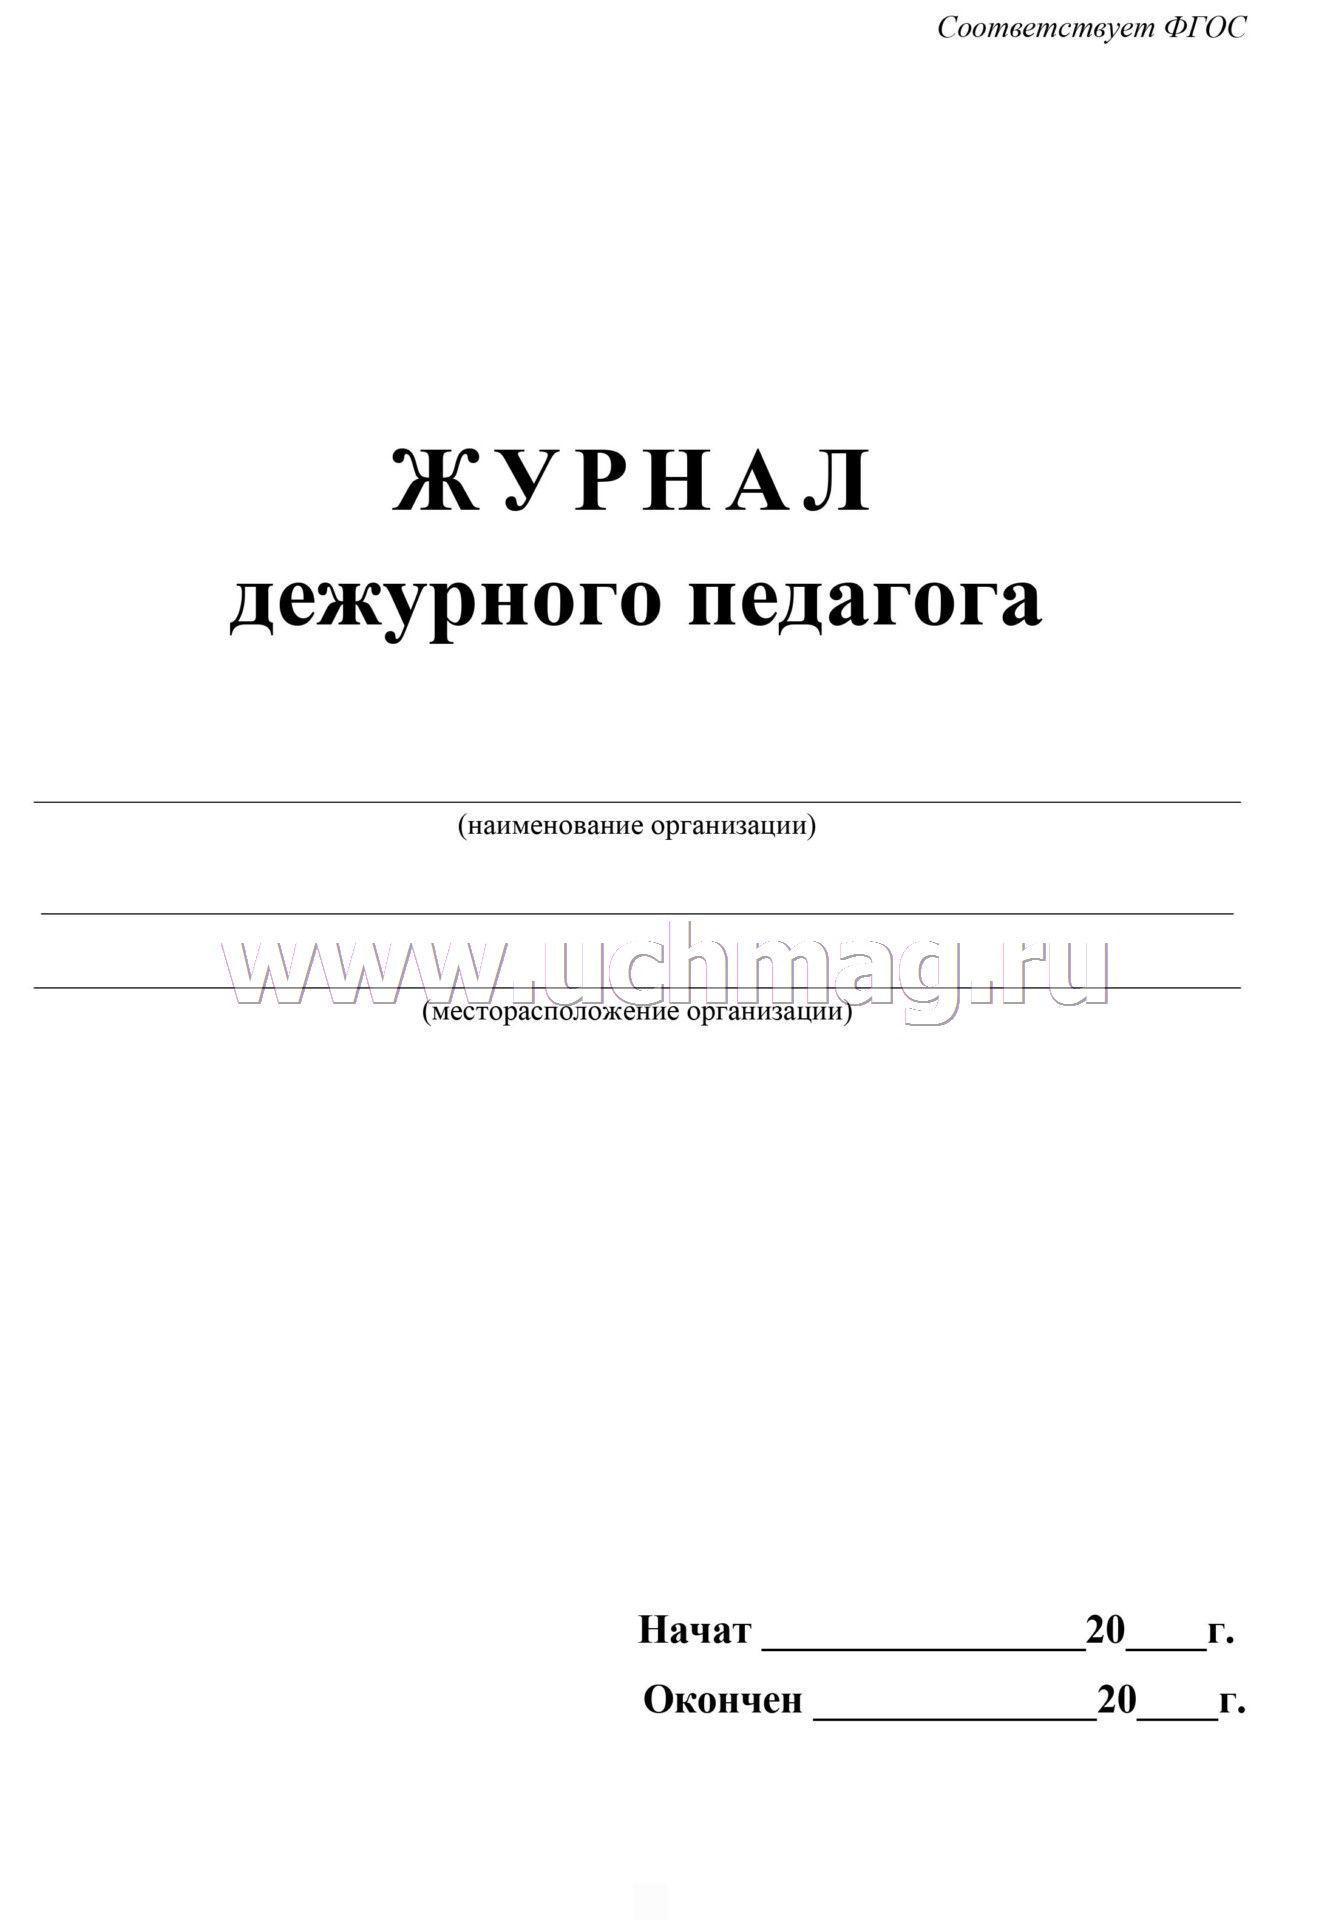 книга приема и сдачи дежурства образец заполнения - фото 10